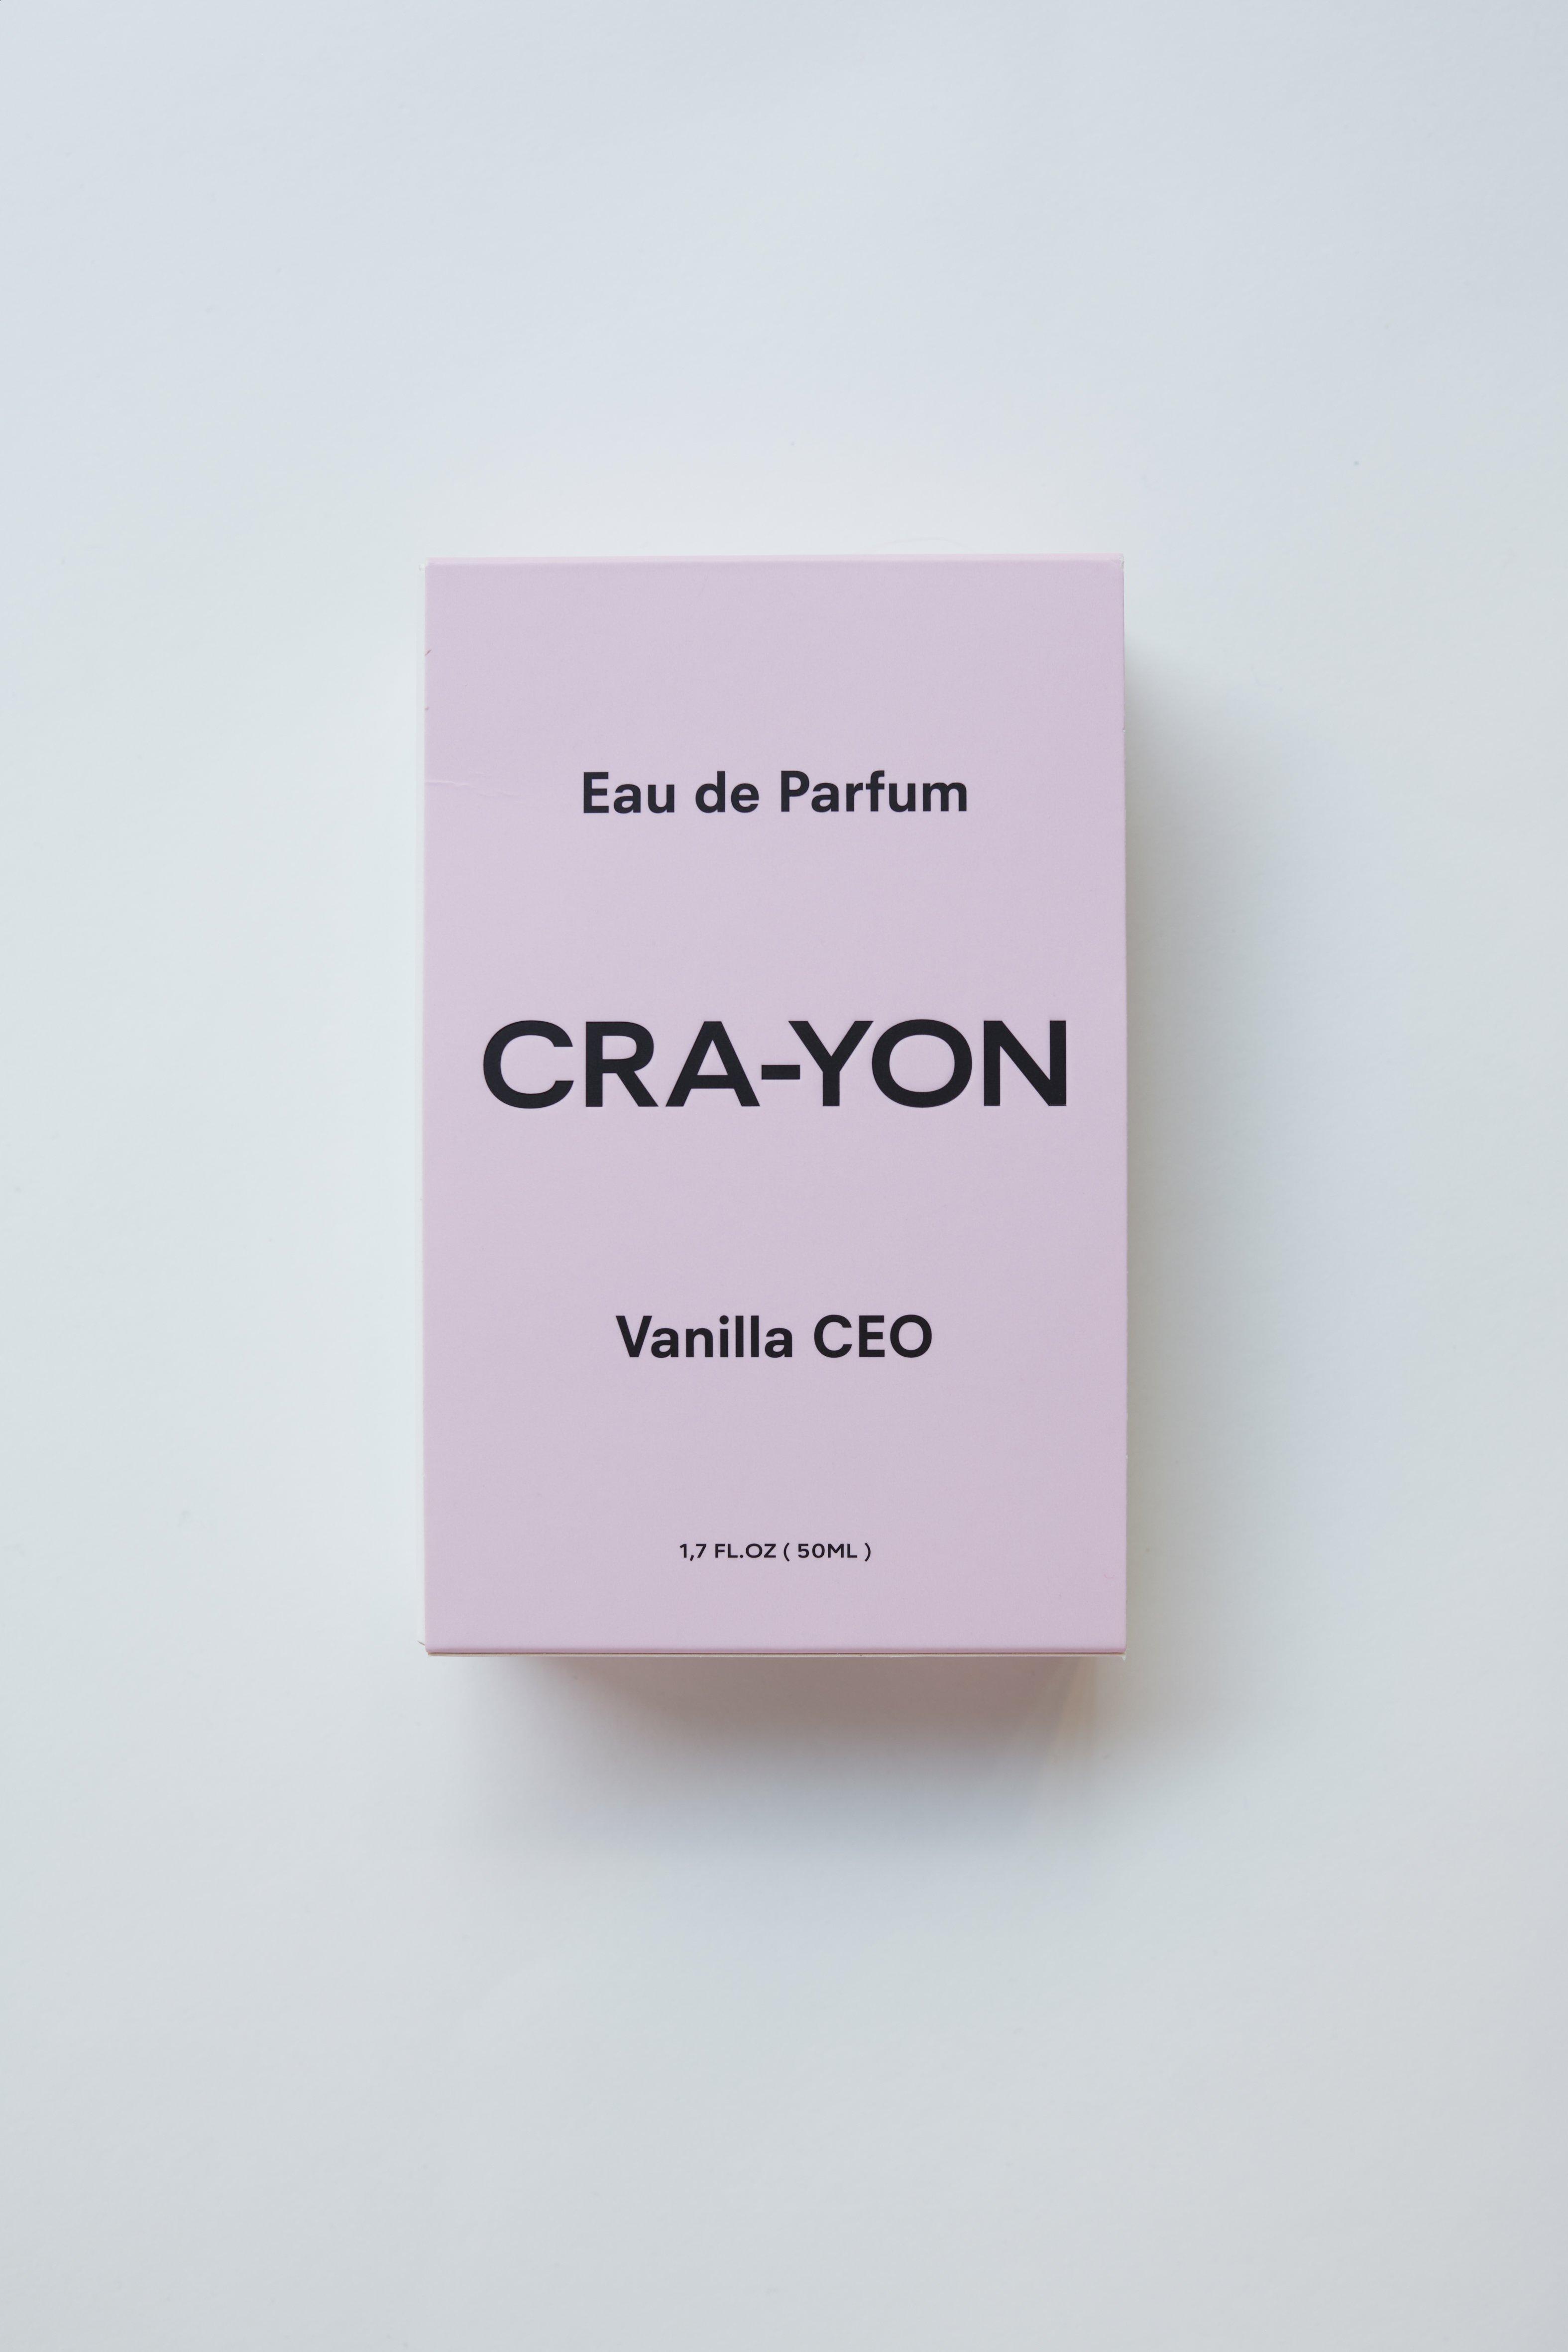 Vanilla CEO